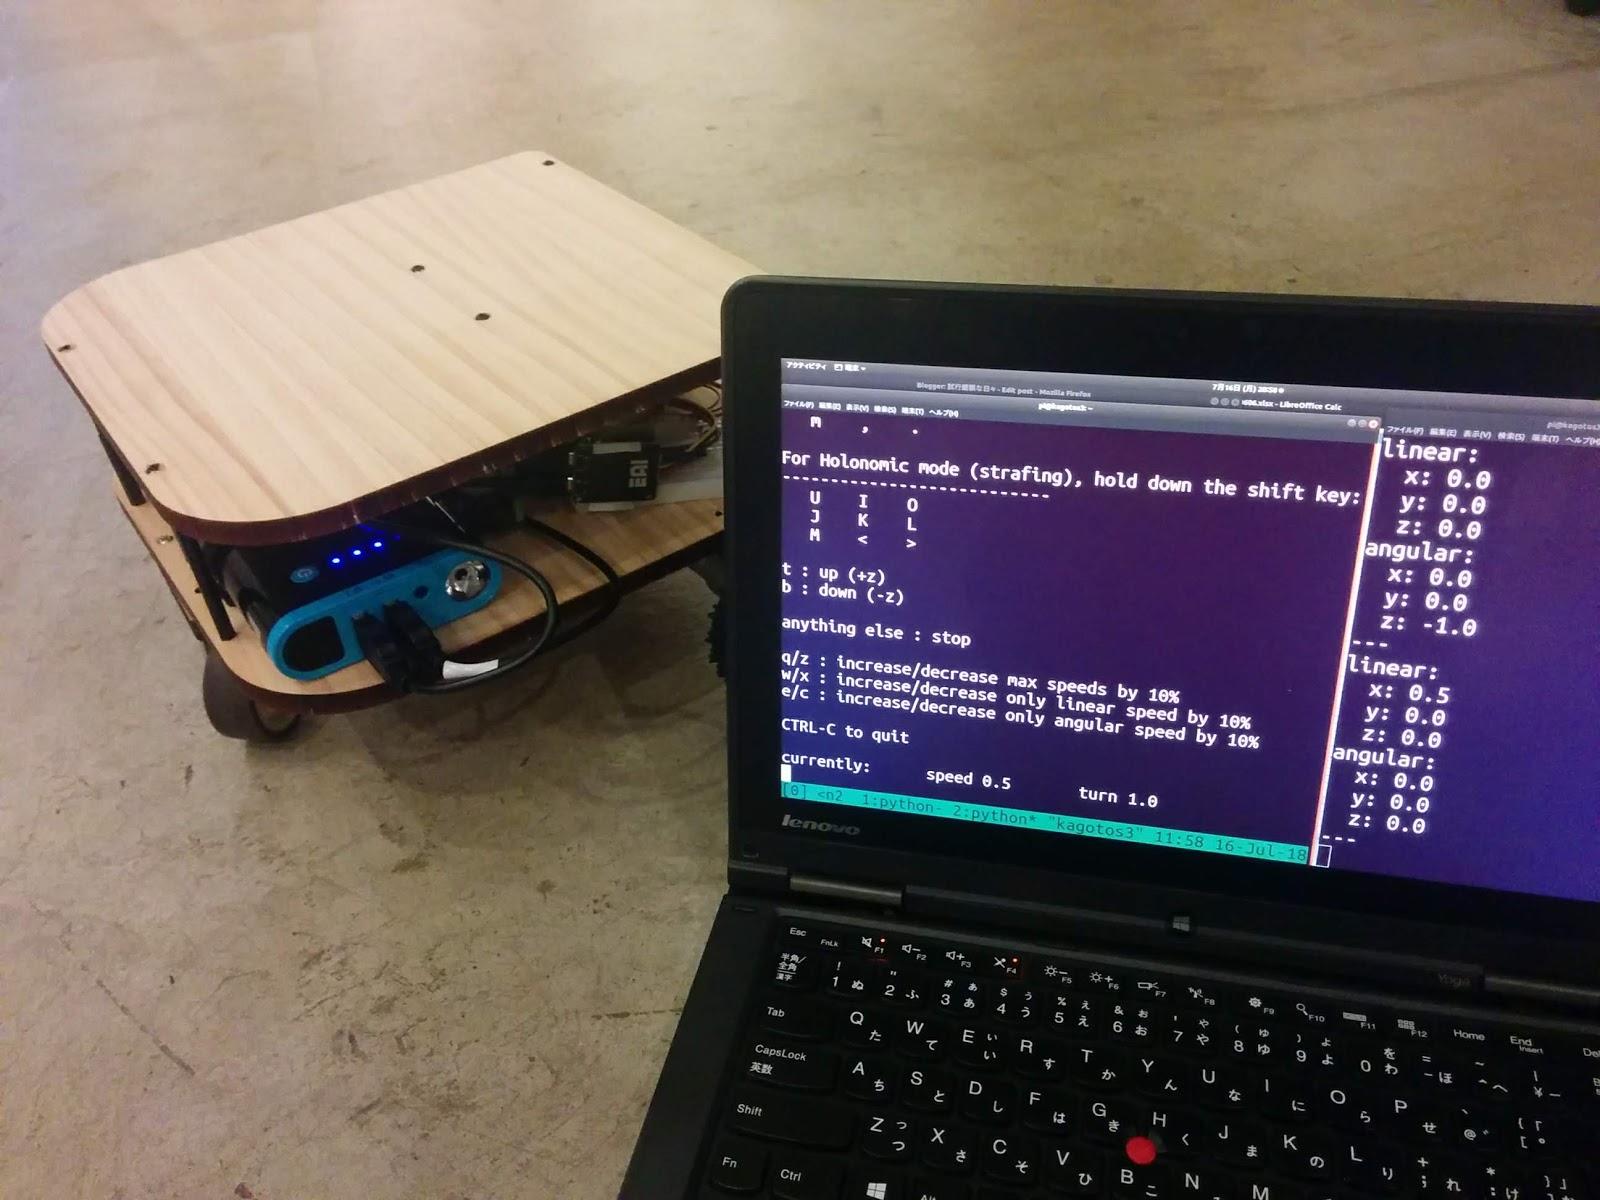 自作した台車をrosserial(ROS)で制御する方法 : 試行錯誤な日々